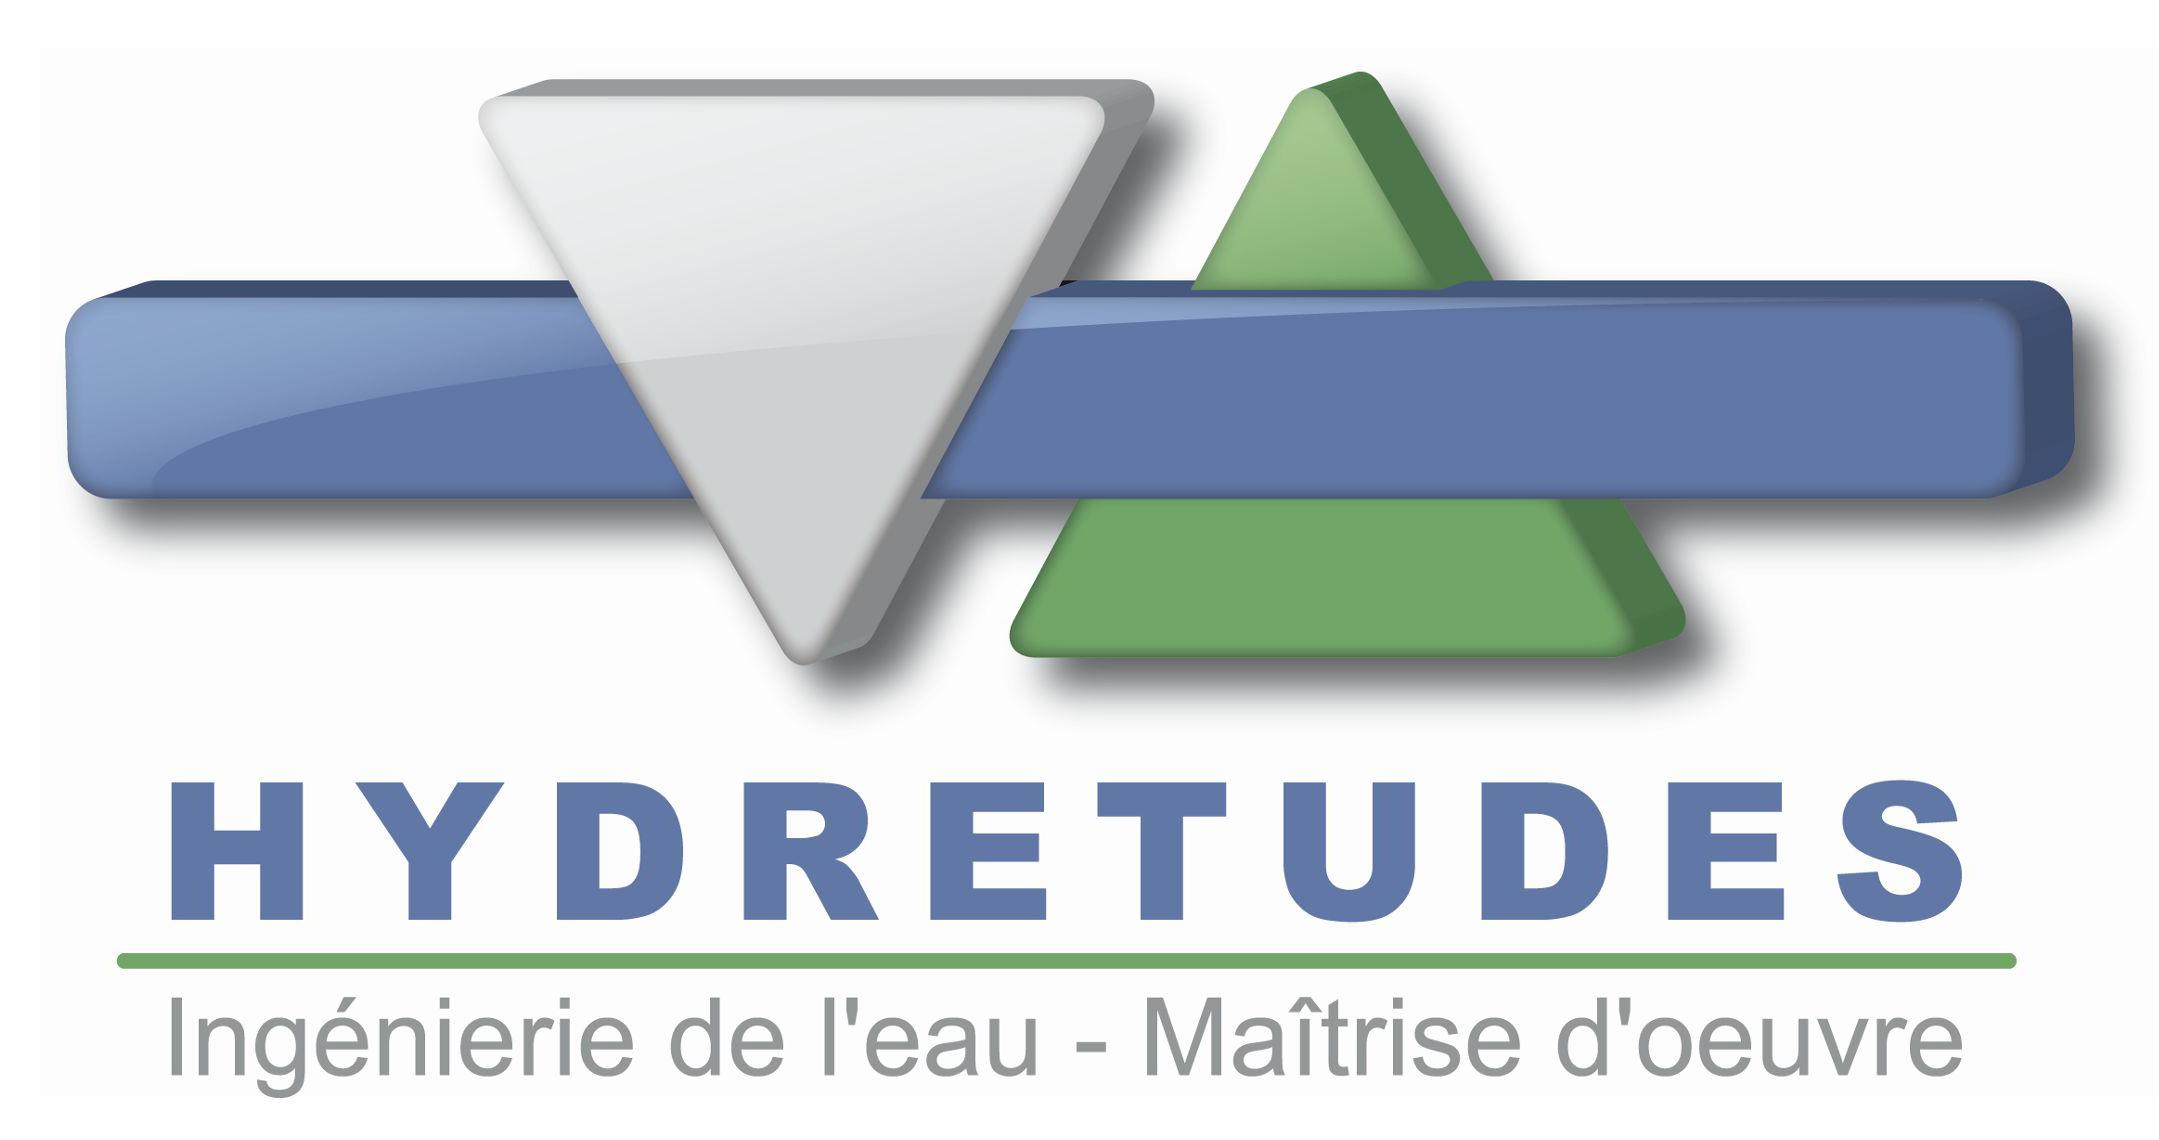 HYDRETUDES_logo_2